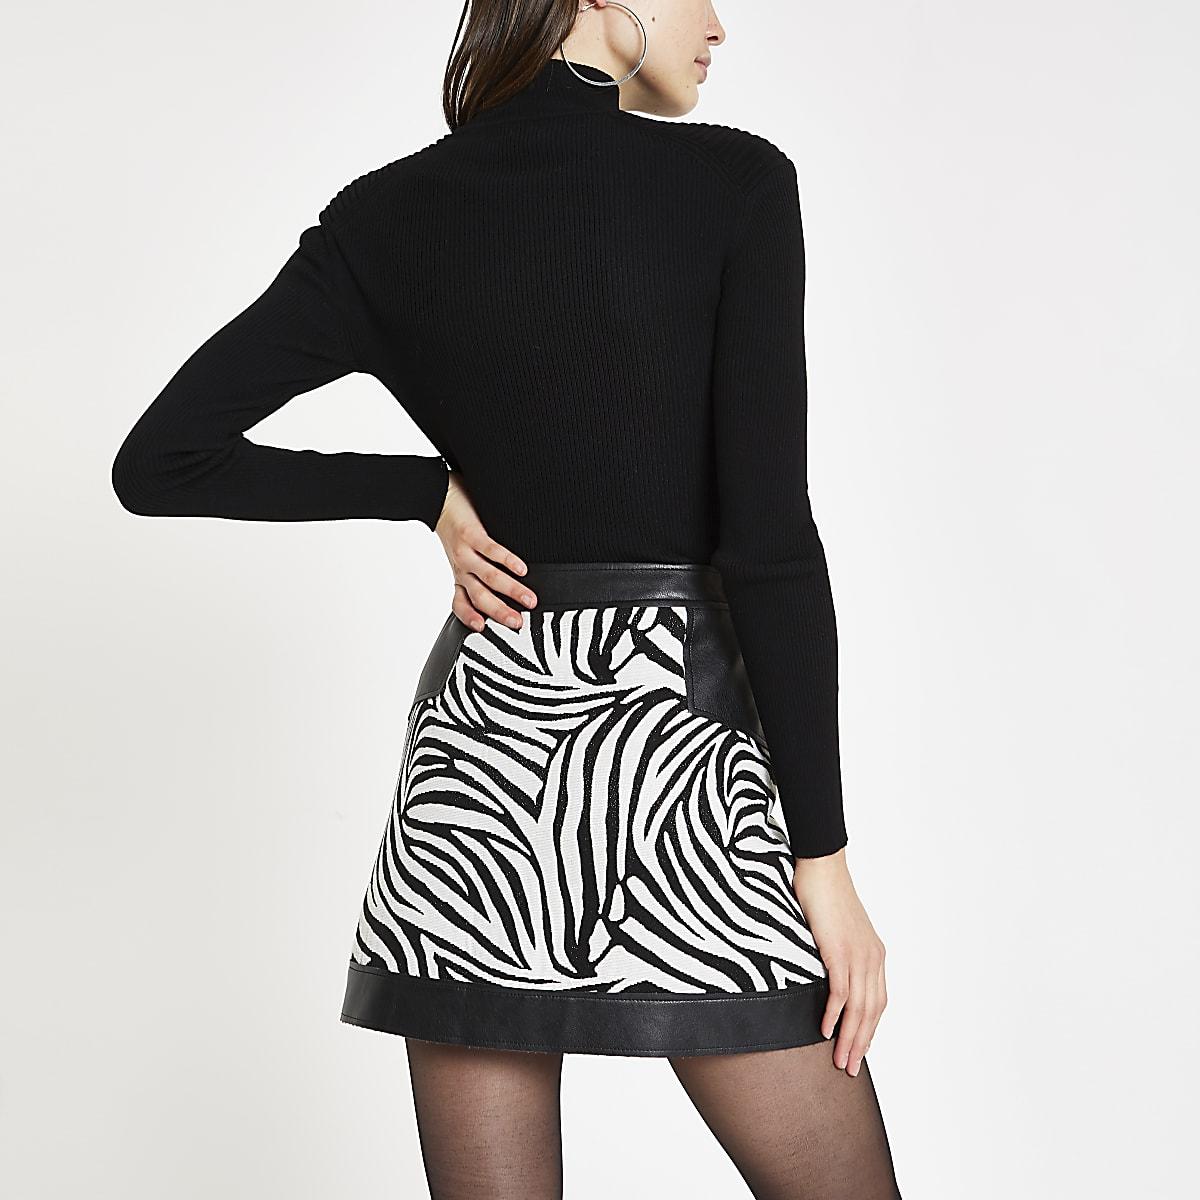 f2500383960c White jacquard mixed zebra print mini skirt - Mini Skirts - Skirts ...